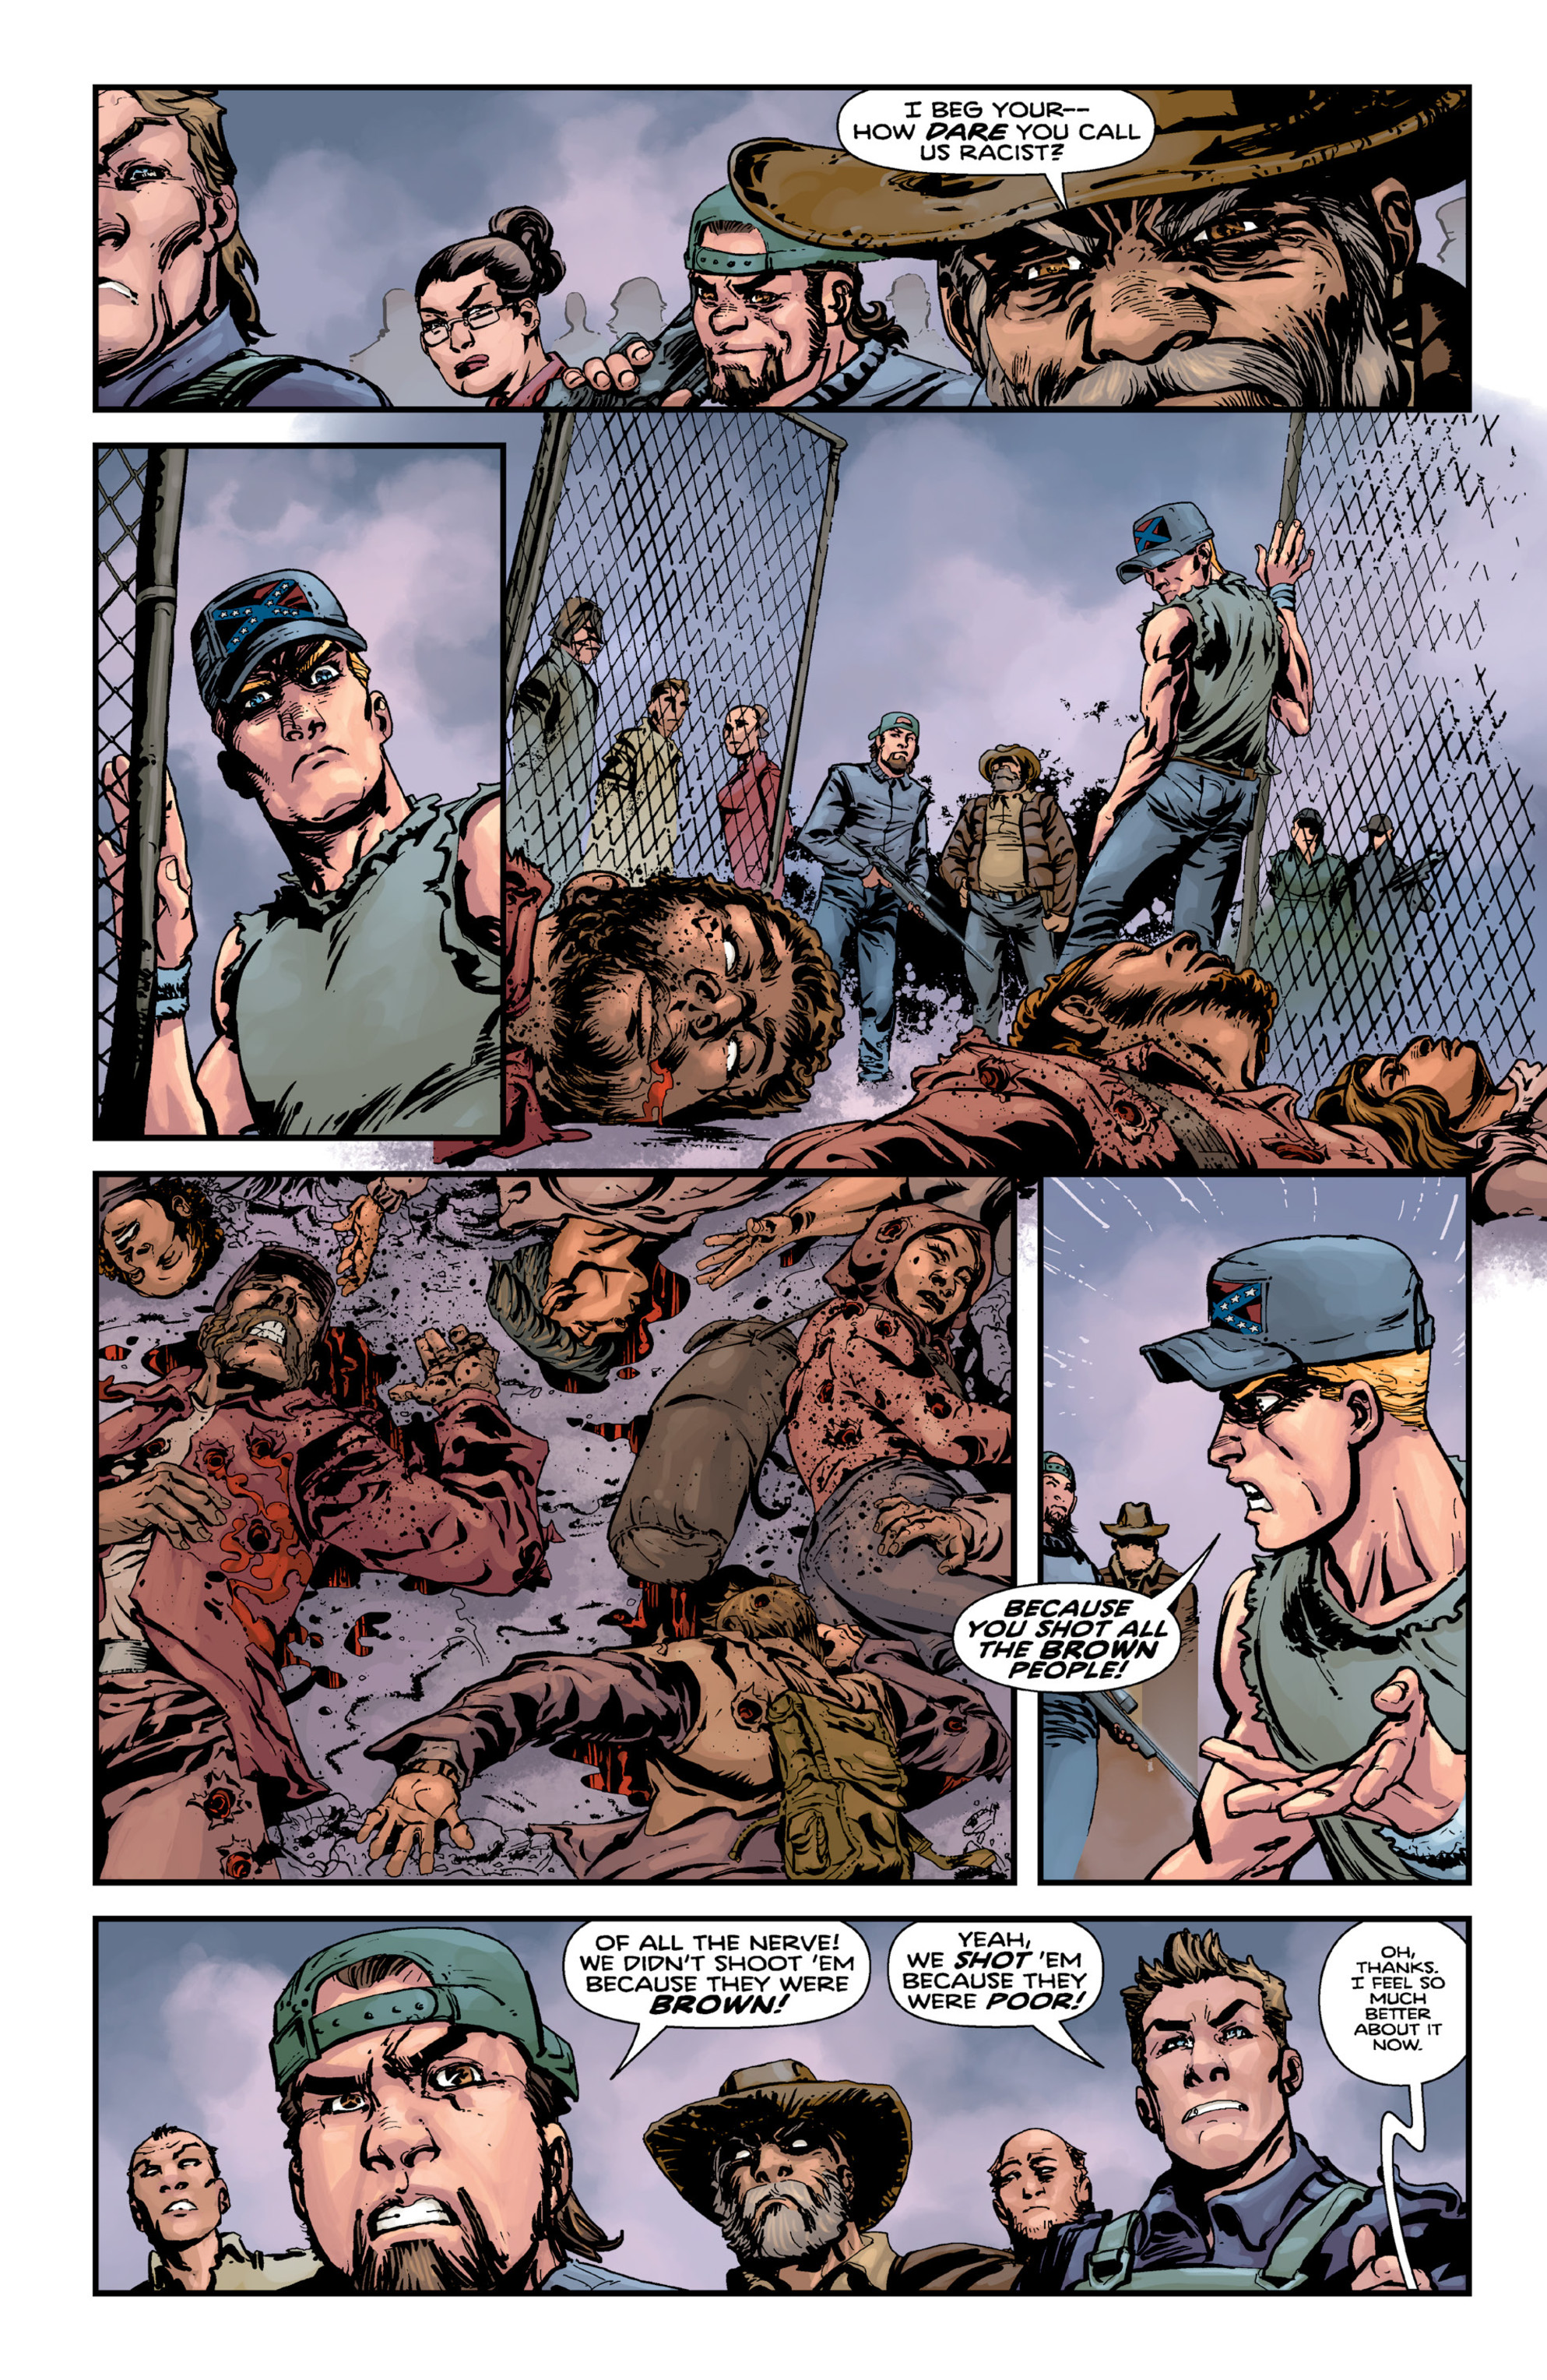 Read online Brain Boy:  The Men from G.E.S.T.A.L.T. comic -  Issue # TPB - 62